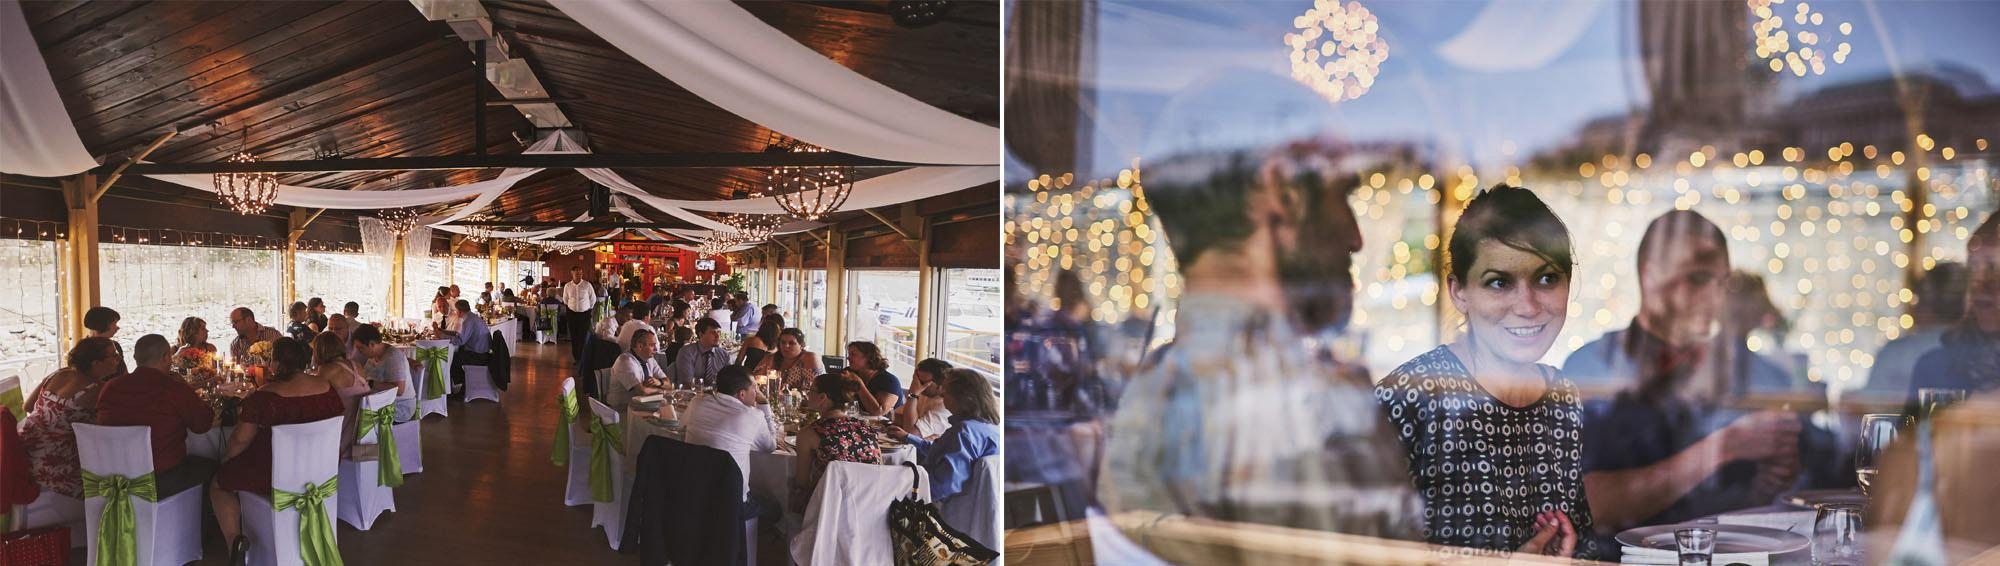 Esküvői fotózás Columbus hajó